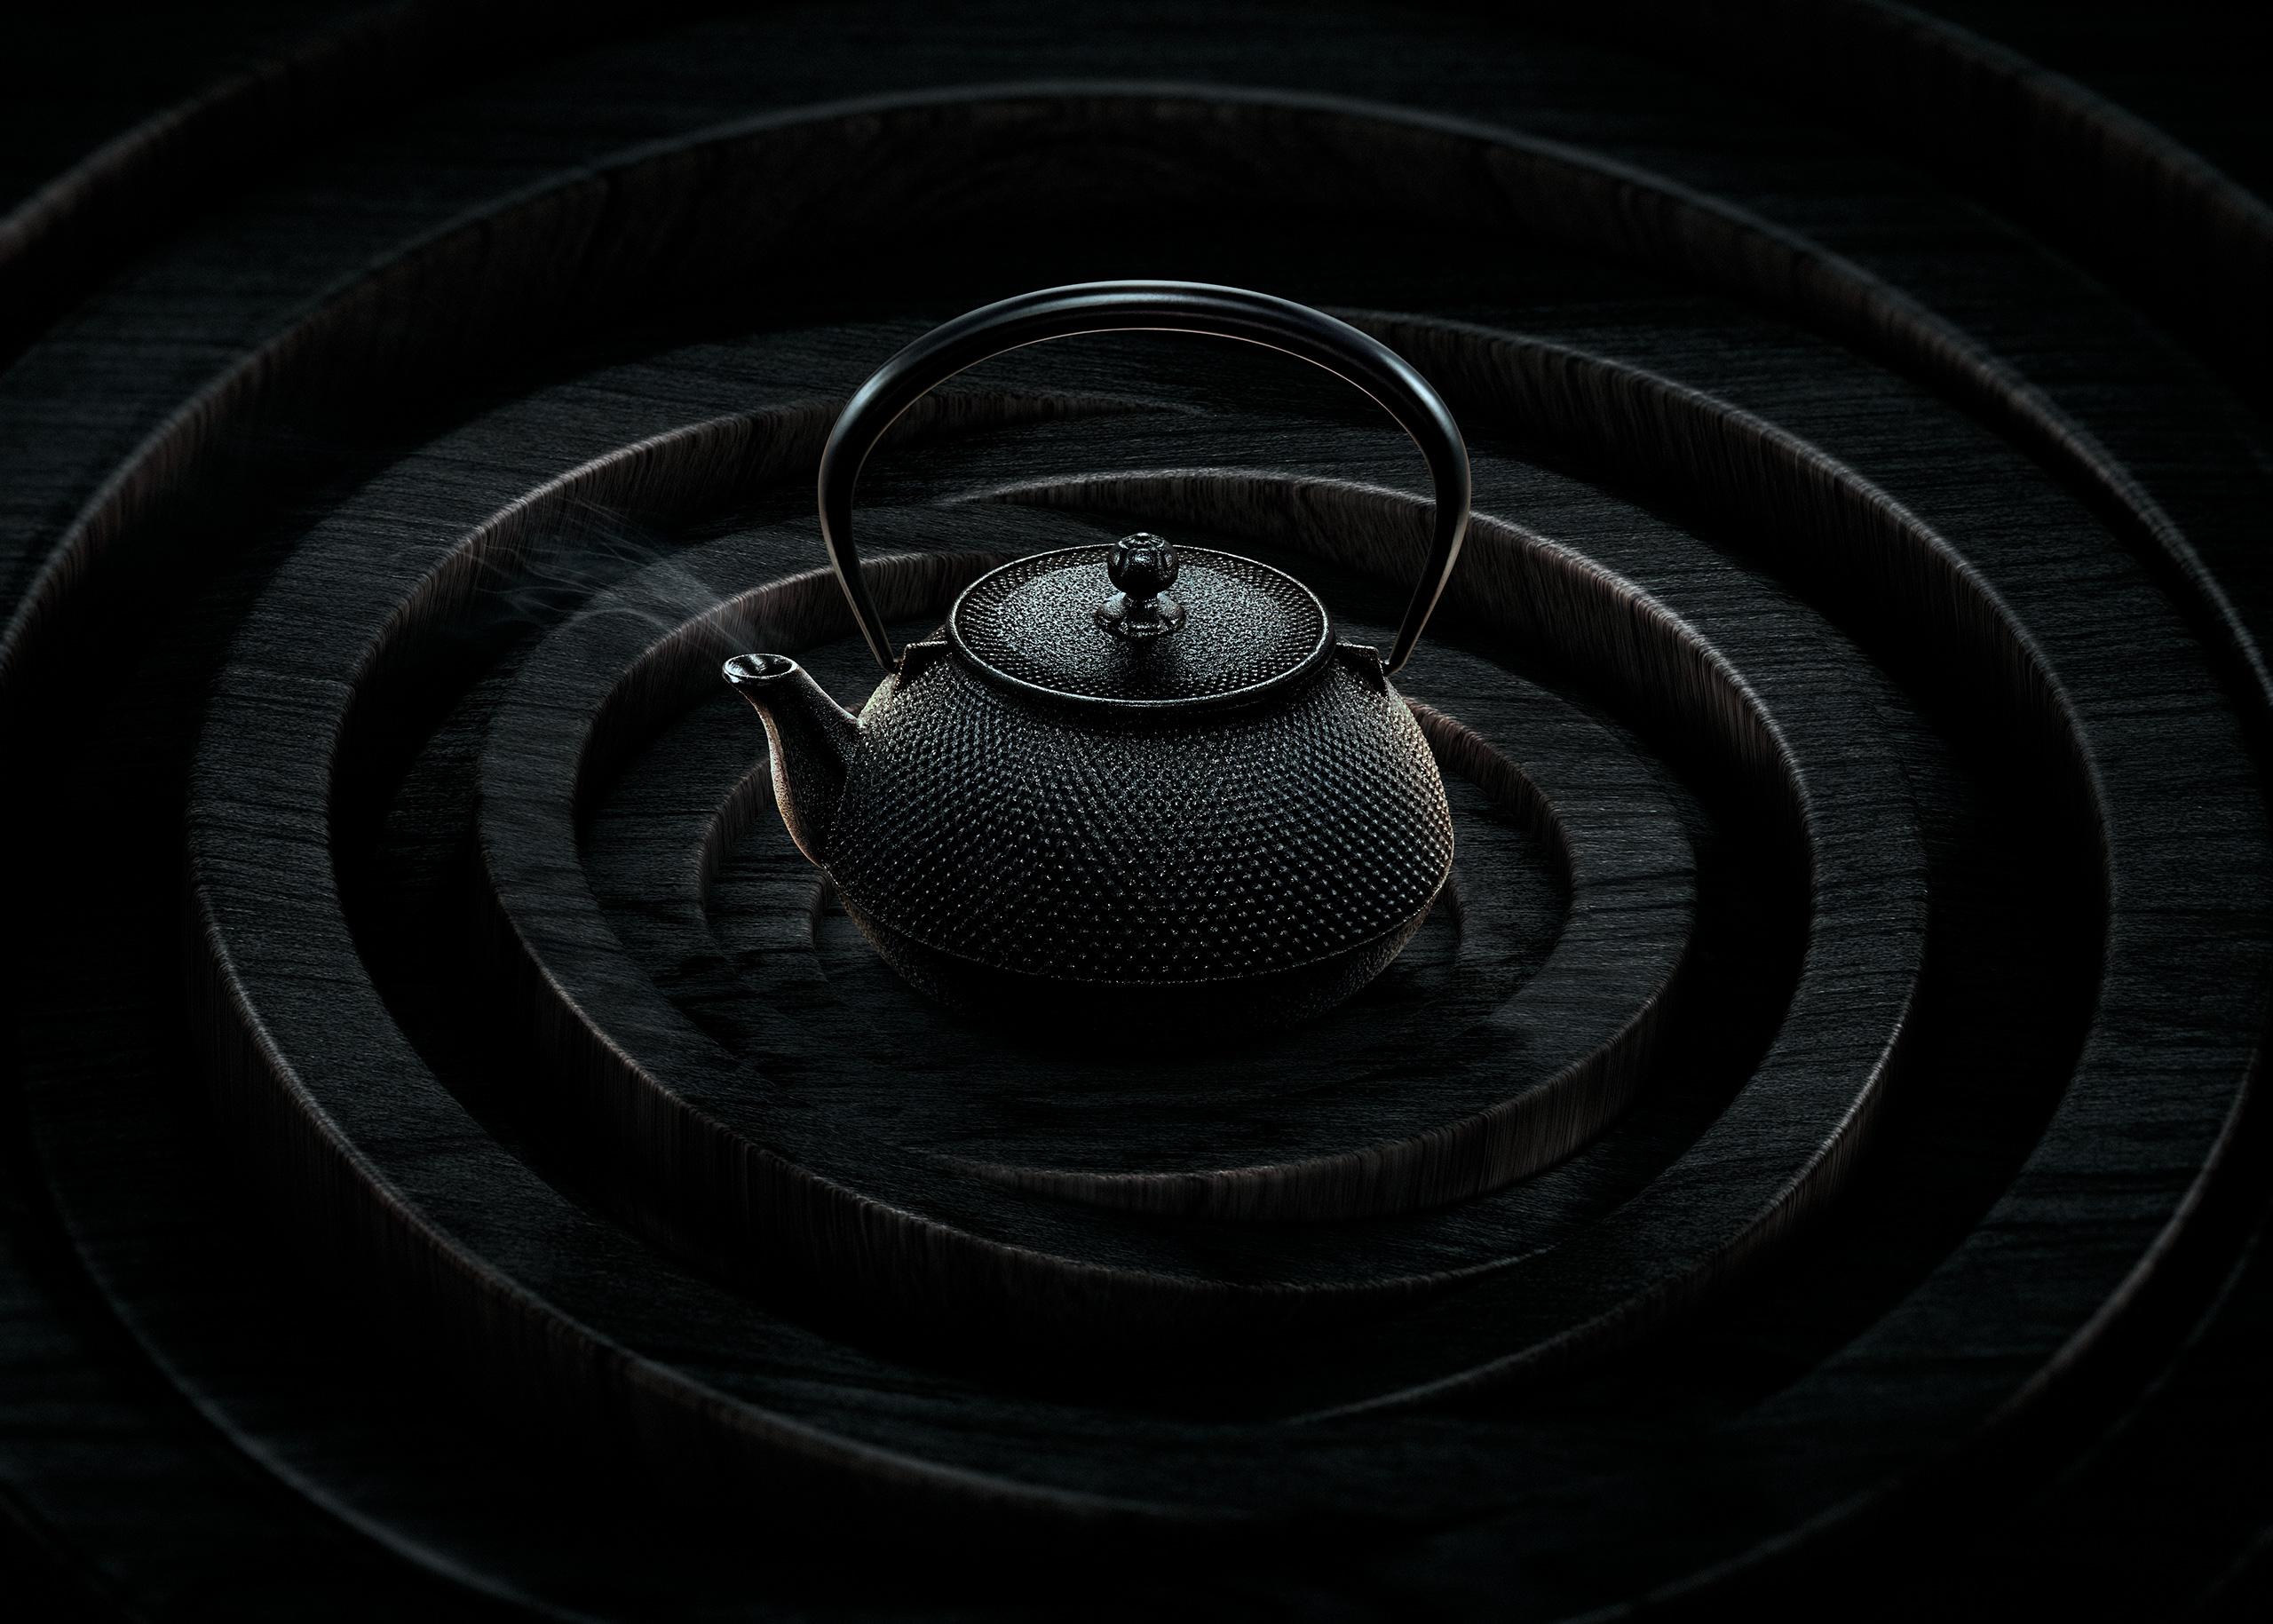 TeaPotCrioCgi